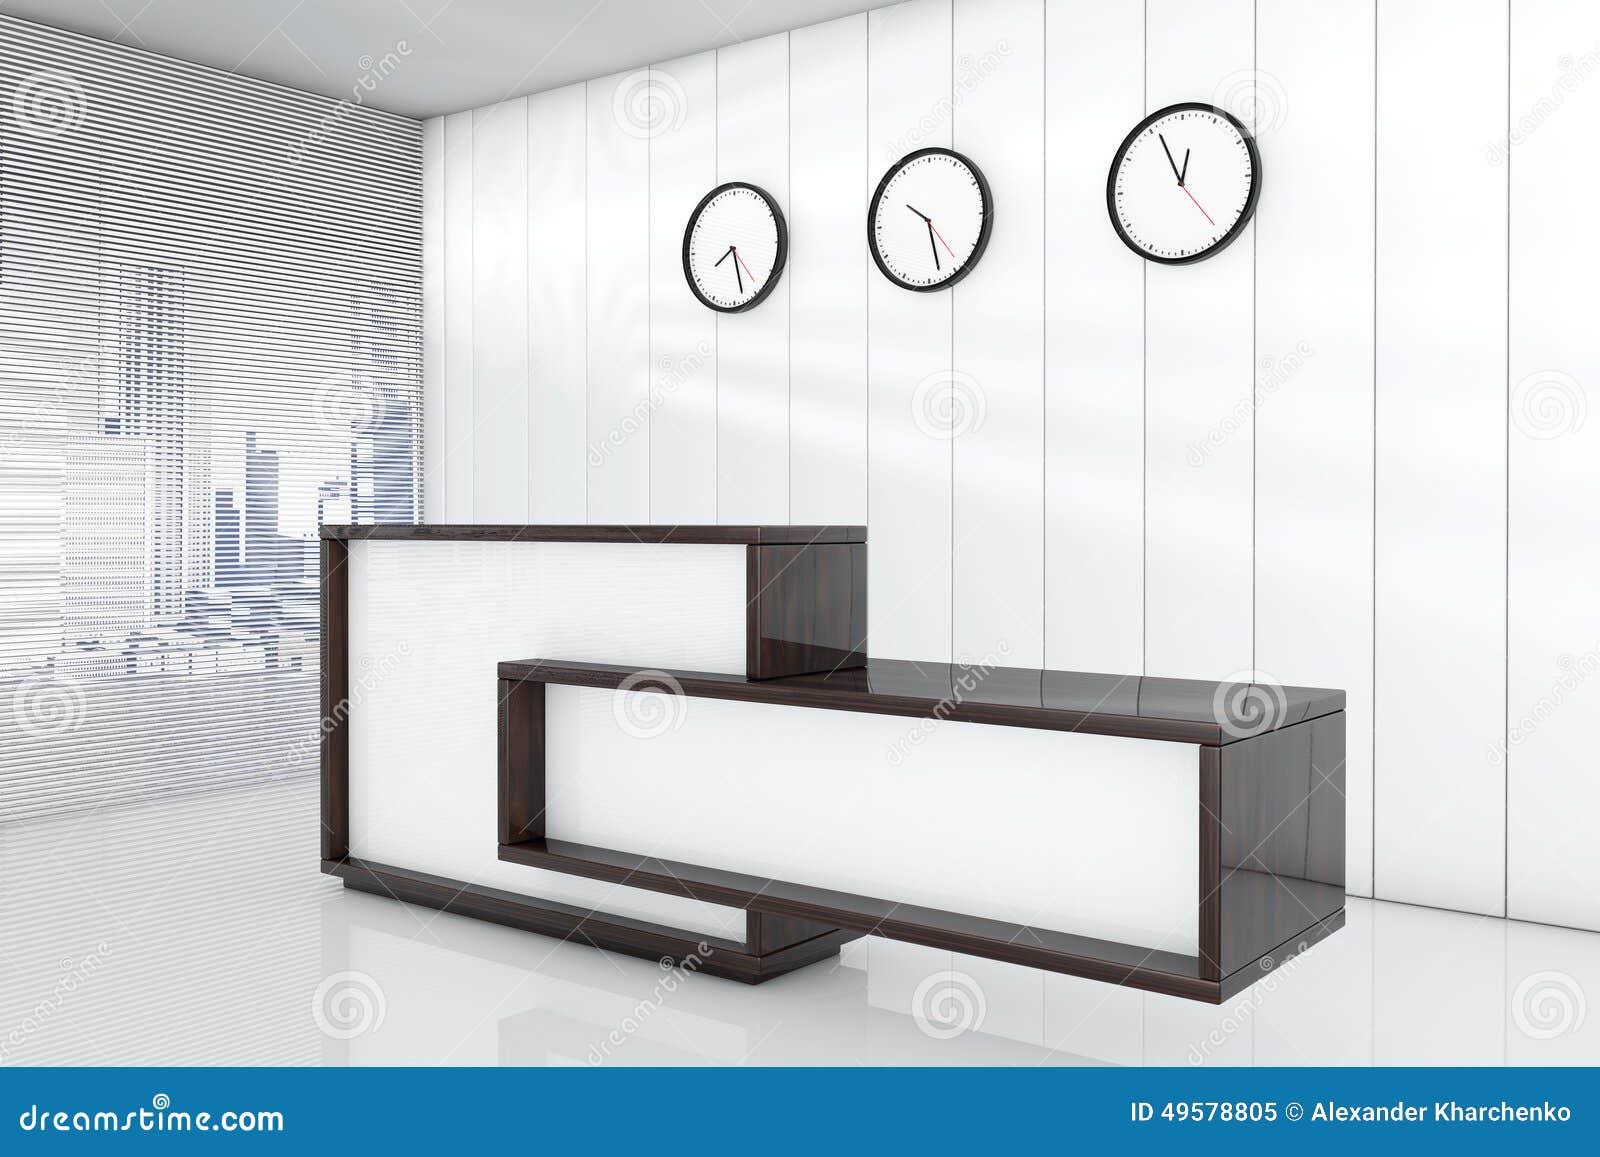 Bureaux De Reception : Ceni rdc en perspective de l ouverture des bureaux de réception